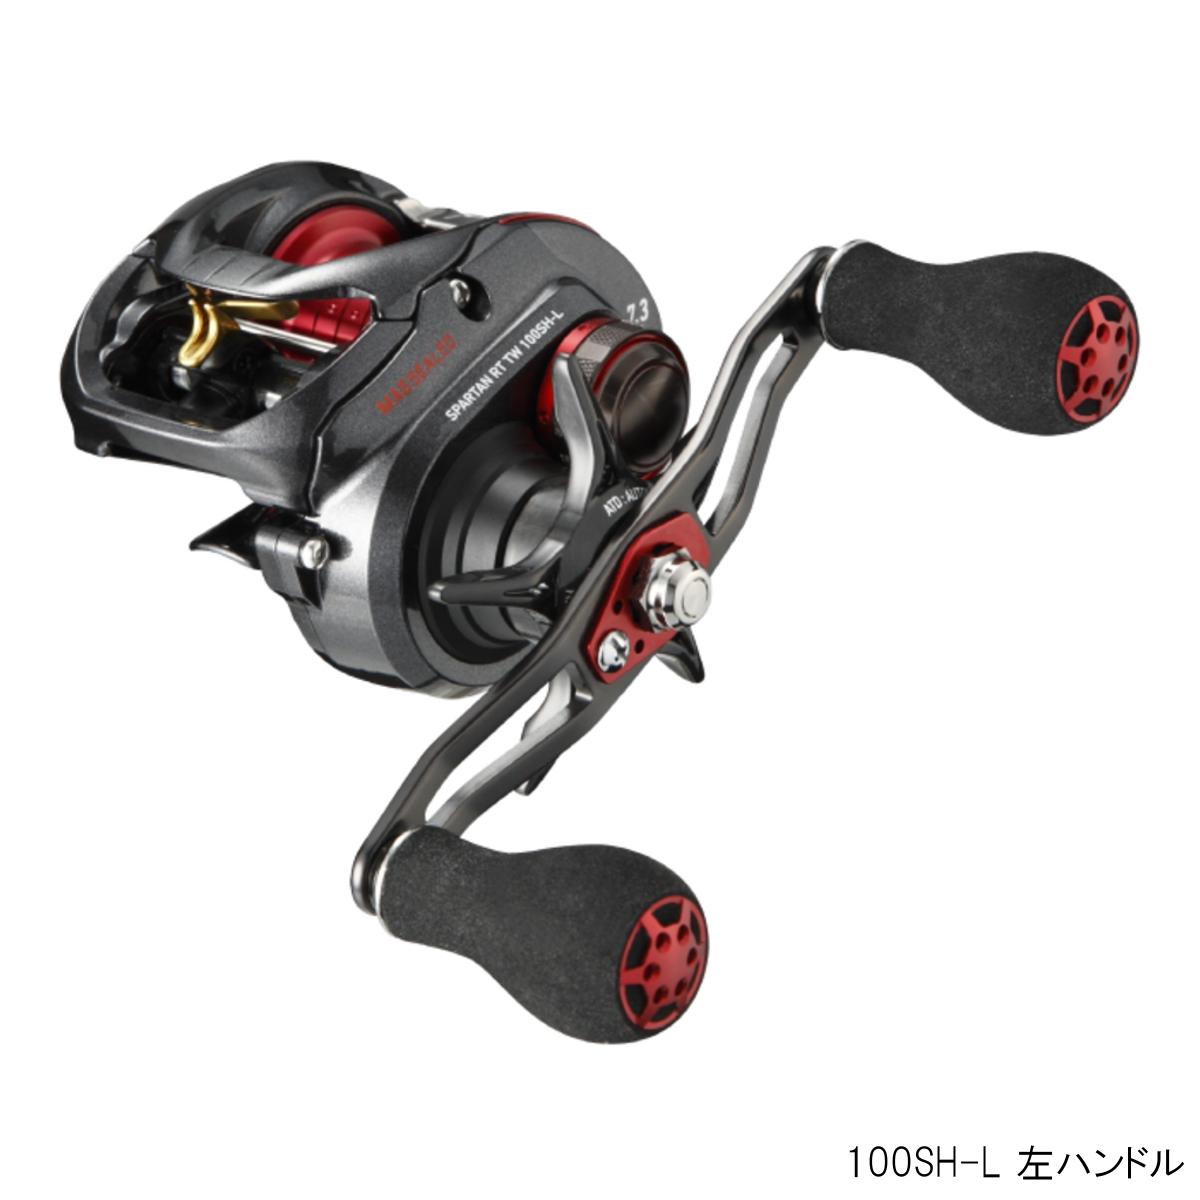 ダイワ スパルタンRT TW 100SH-L 左ハンドル(東日本店)